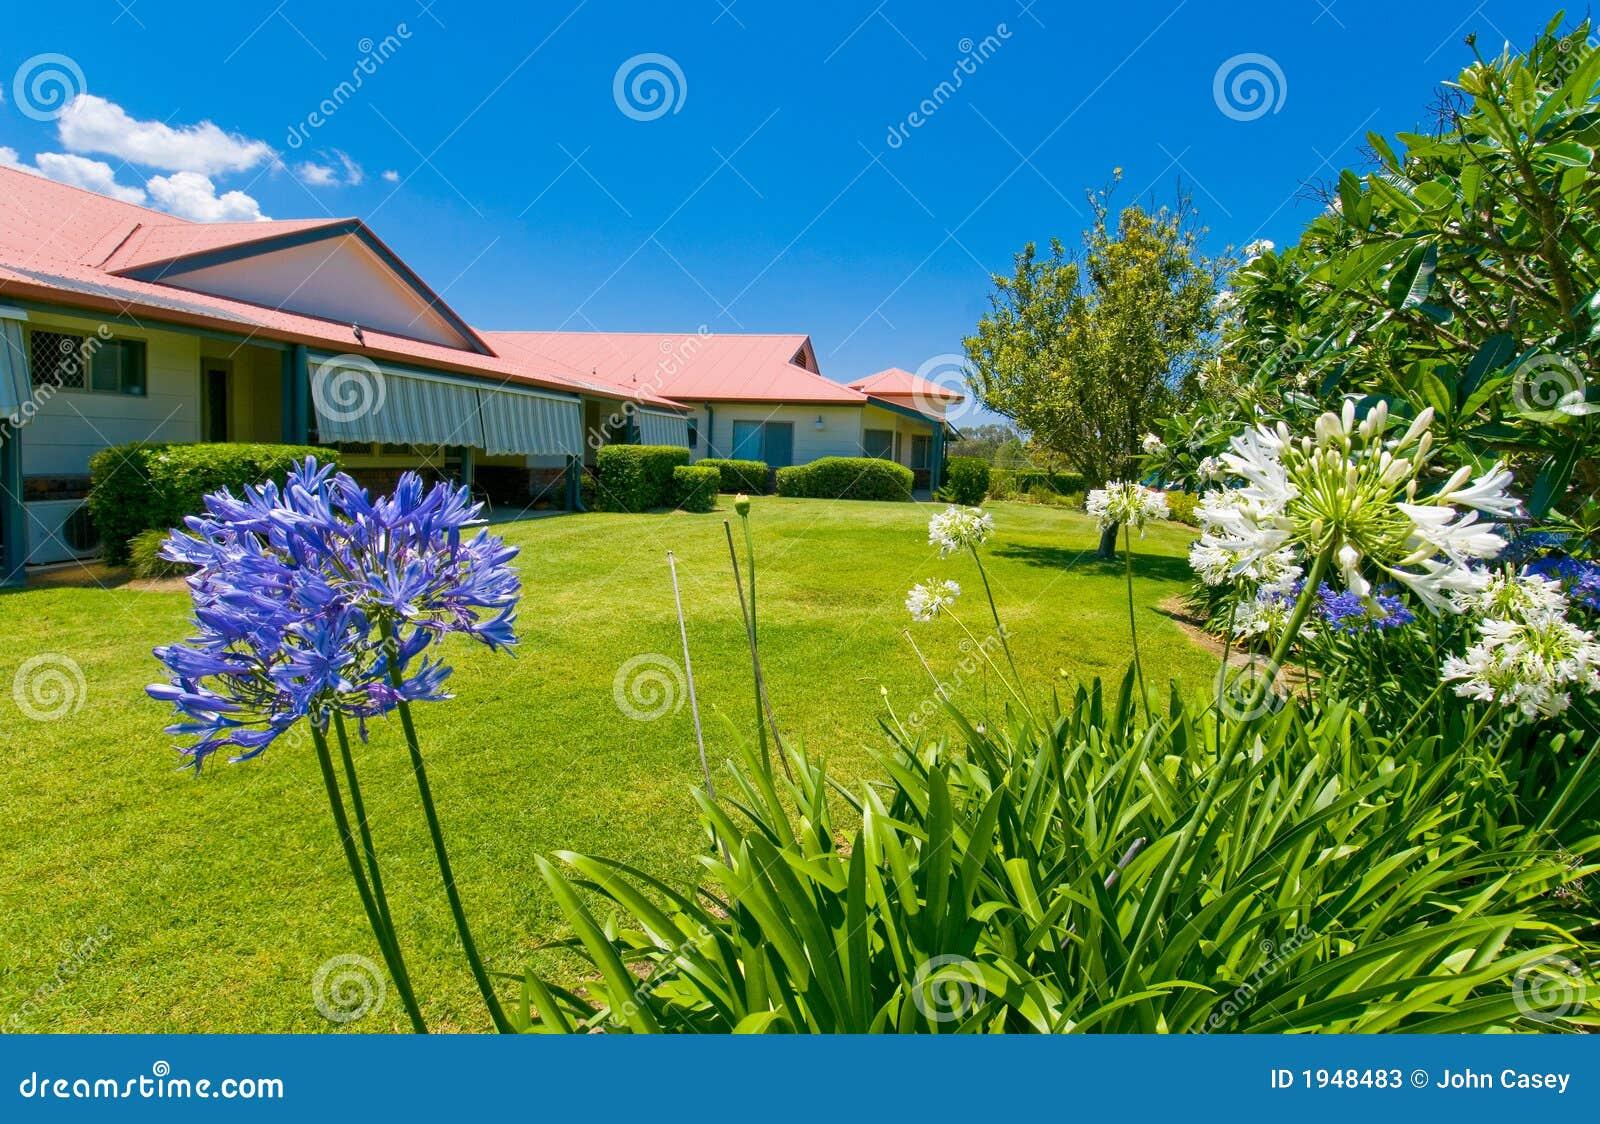 imagens jardins lindos:Fotos de Stock: Jardins bonitos na parte traseira da casa